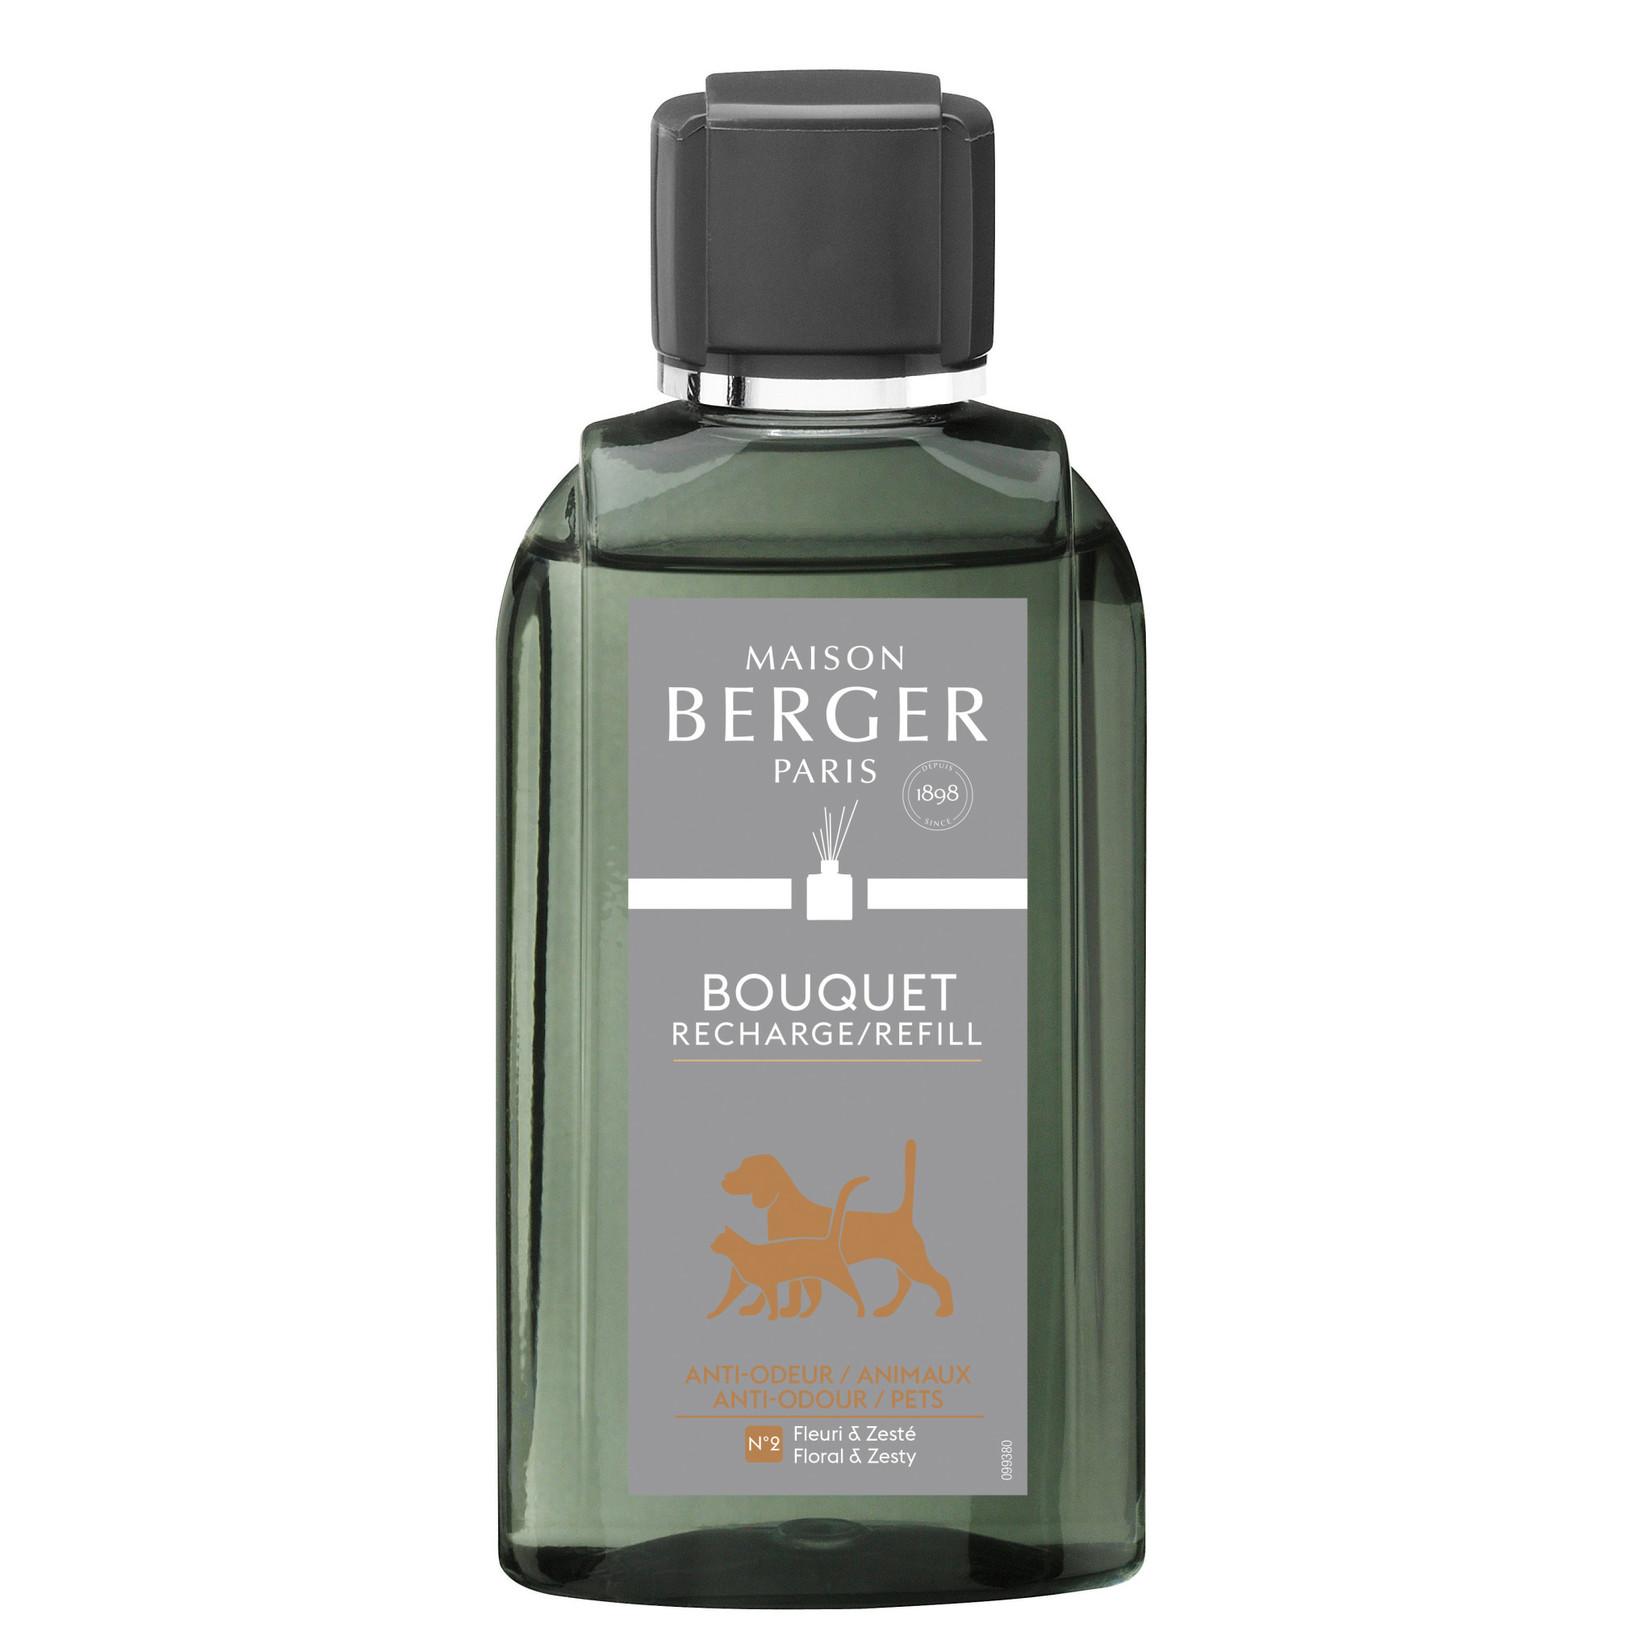 Lampe Berger Navulling Parfumverspreider Anti-Odeur 200ml animaux  nr2